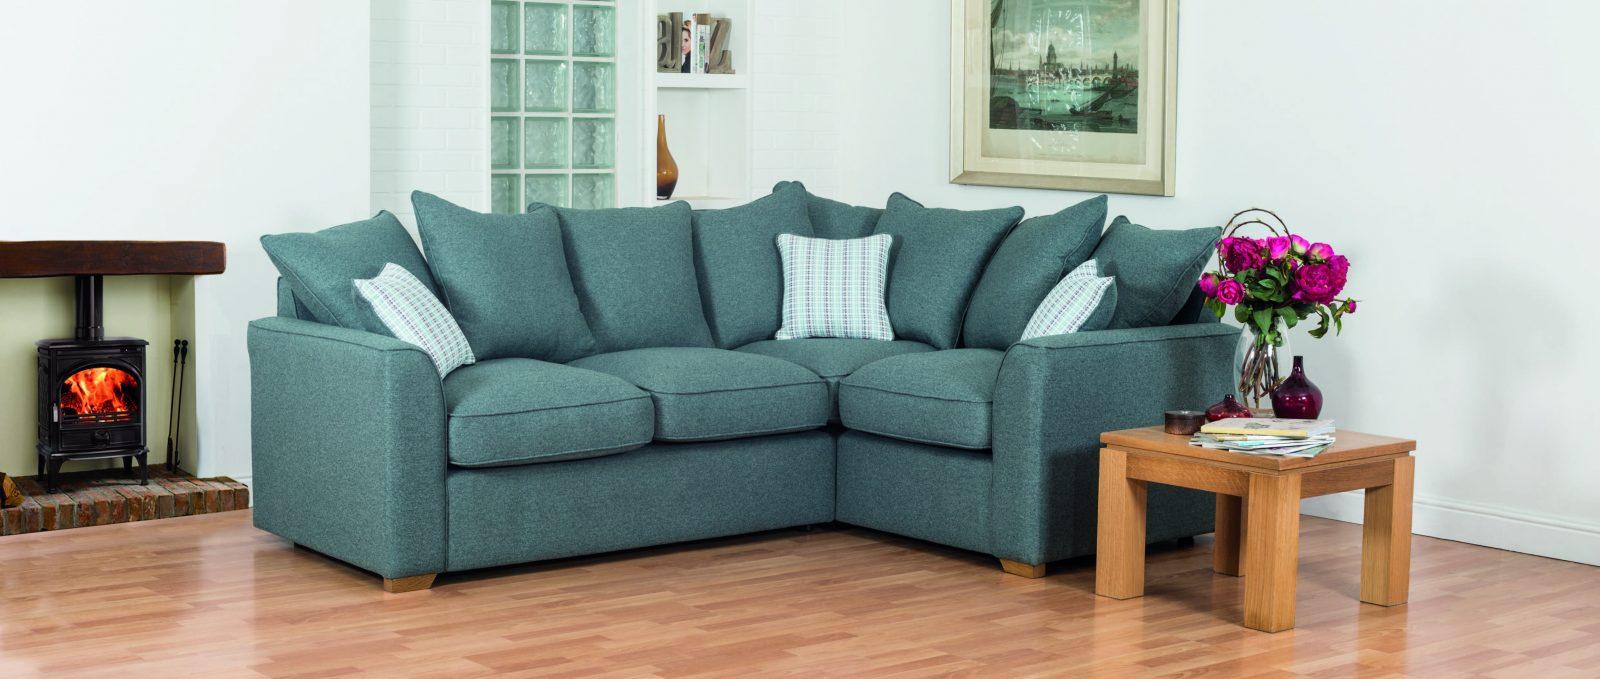 Louis corner sofa